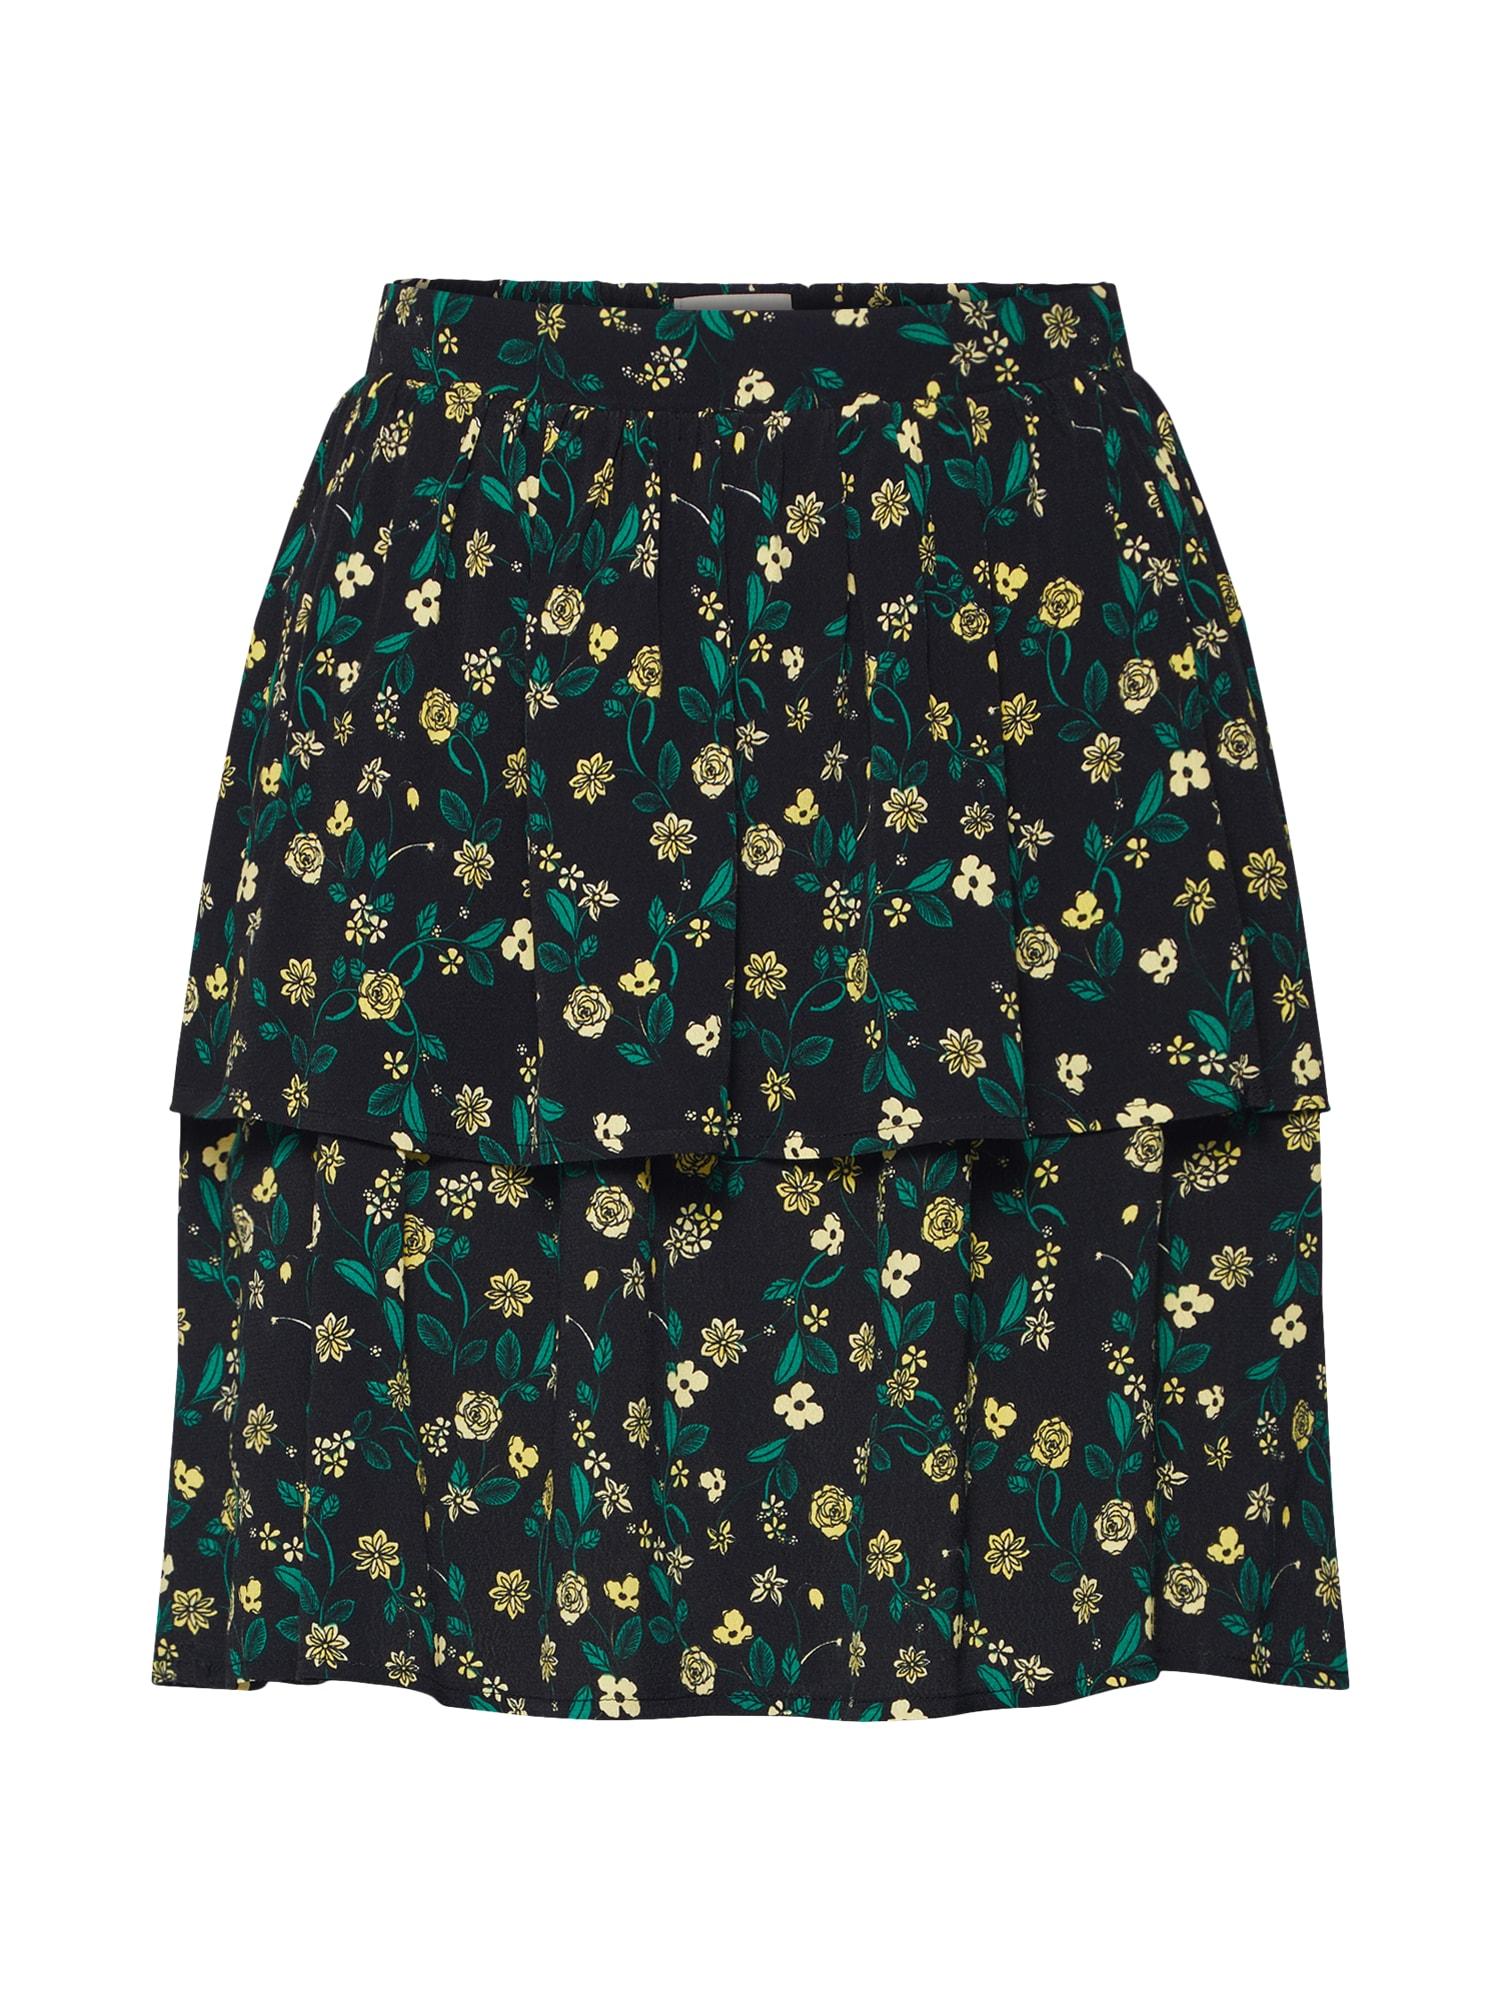 Sukně Laylo žlutá tmavě zelená černá Minimum